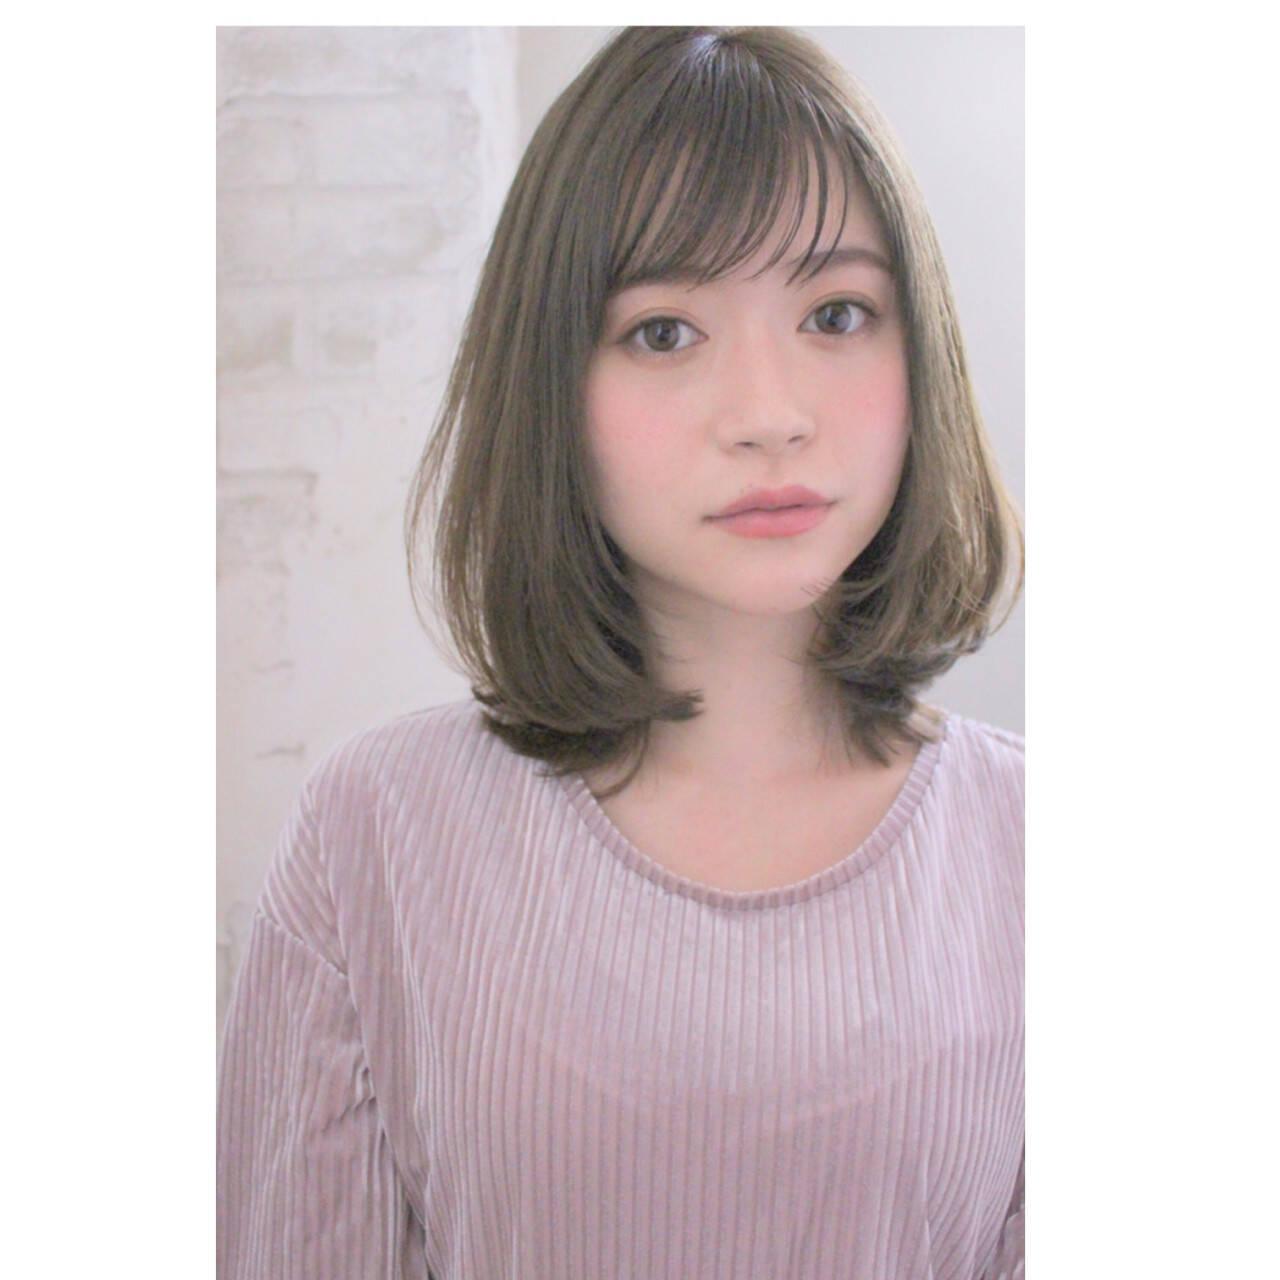 透明感 グレージュ ナチュラル ミディアムヘアスタイルや髪型の写真・画像